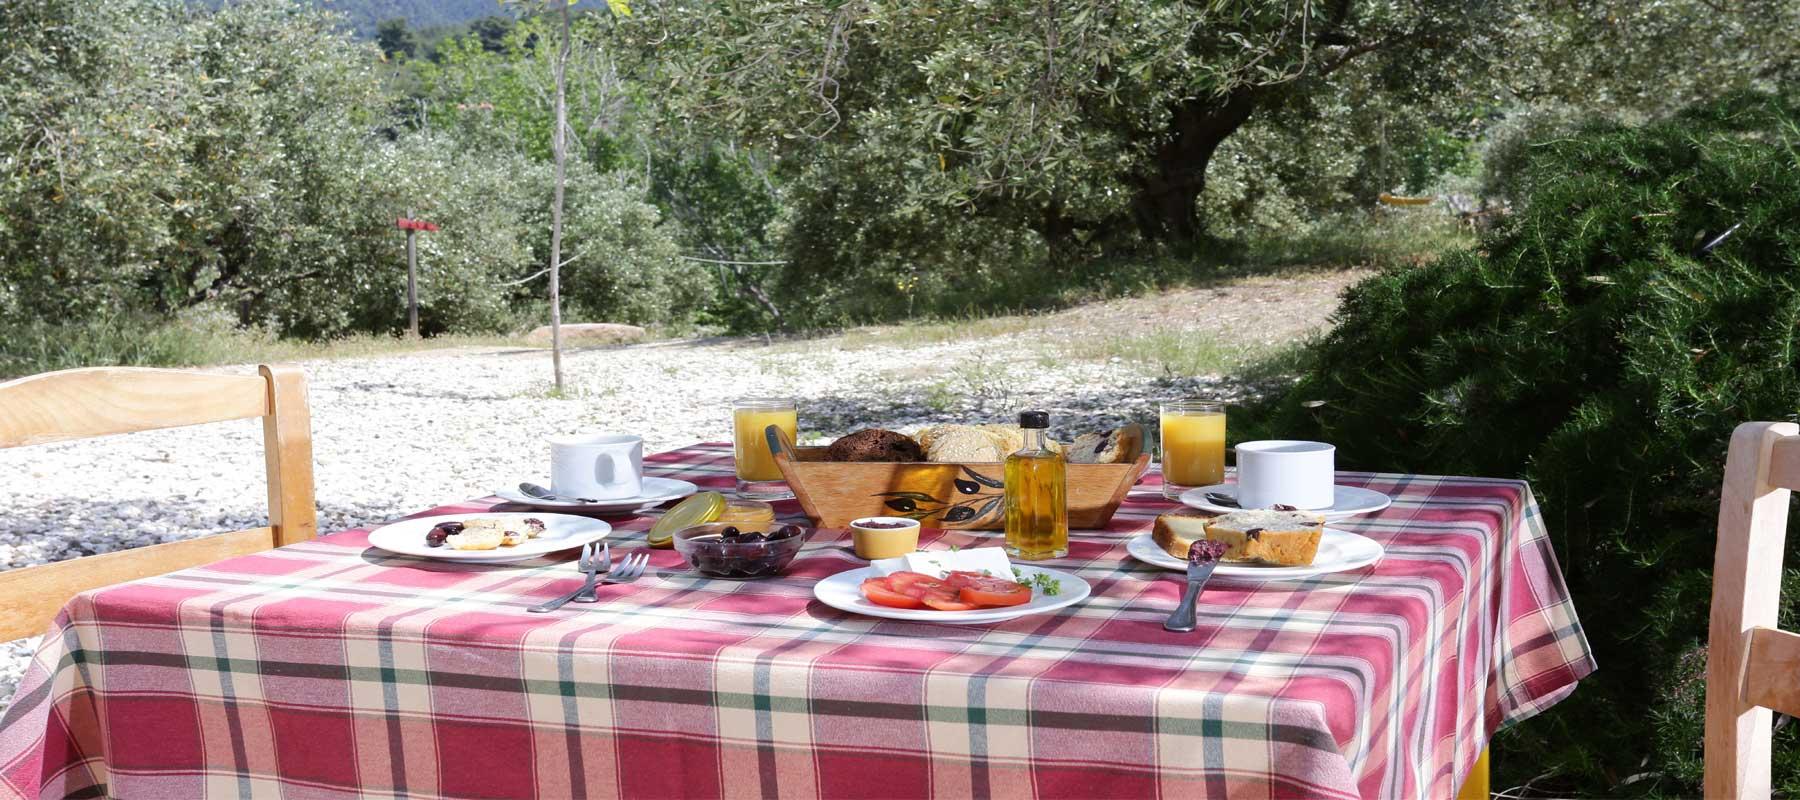 Griechisches Frühstück unter dem Olivenbaum